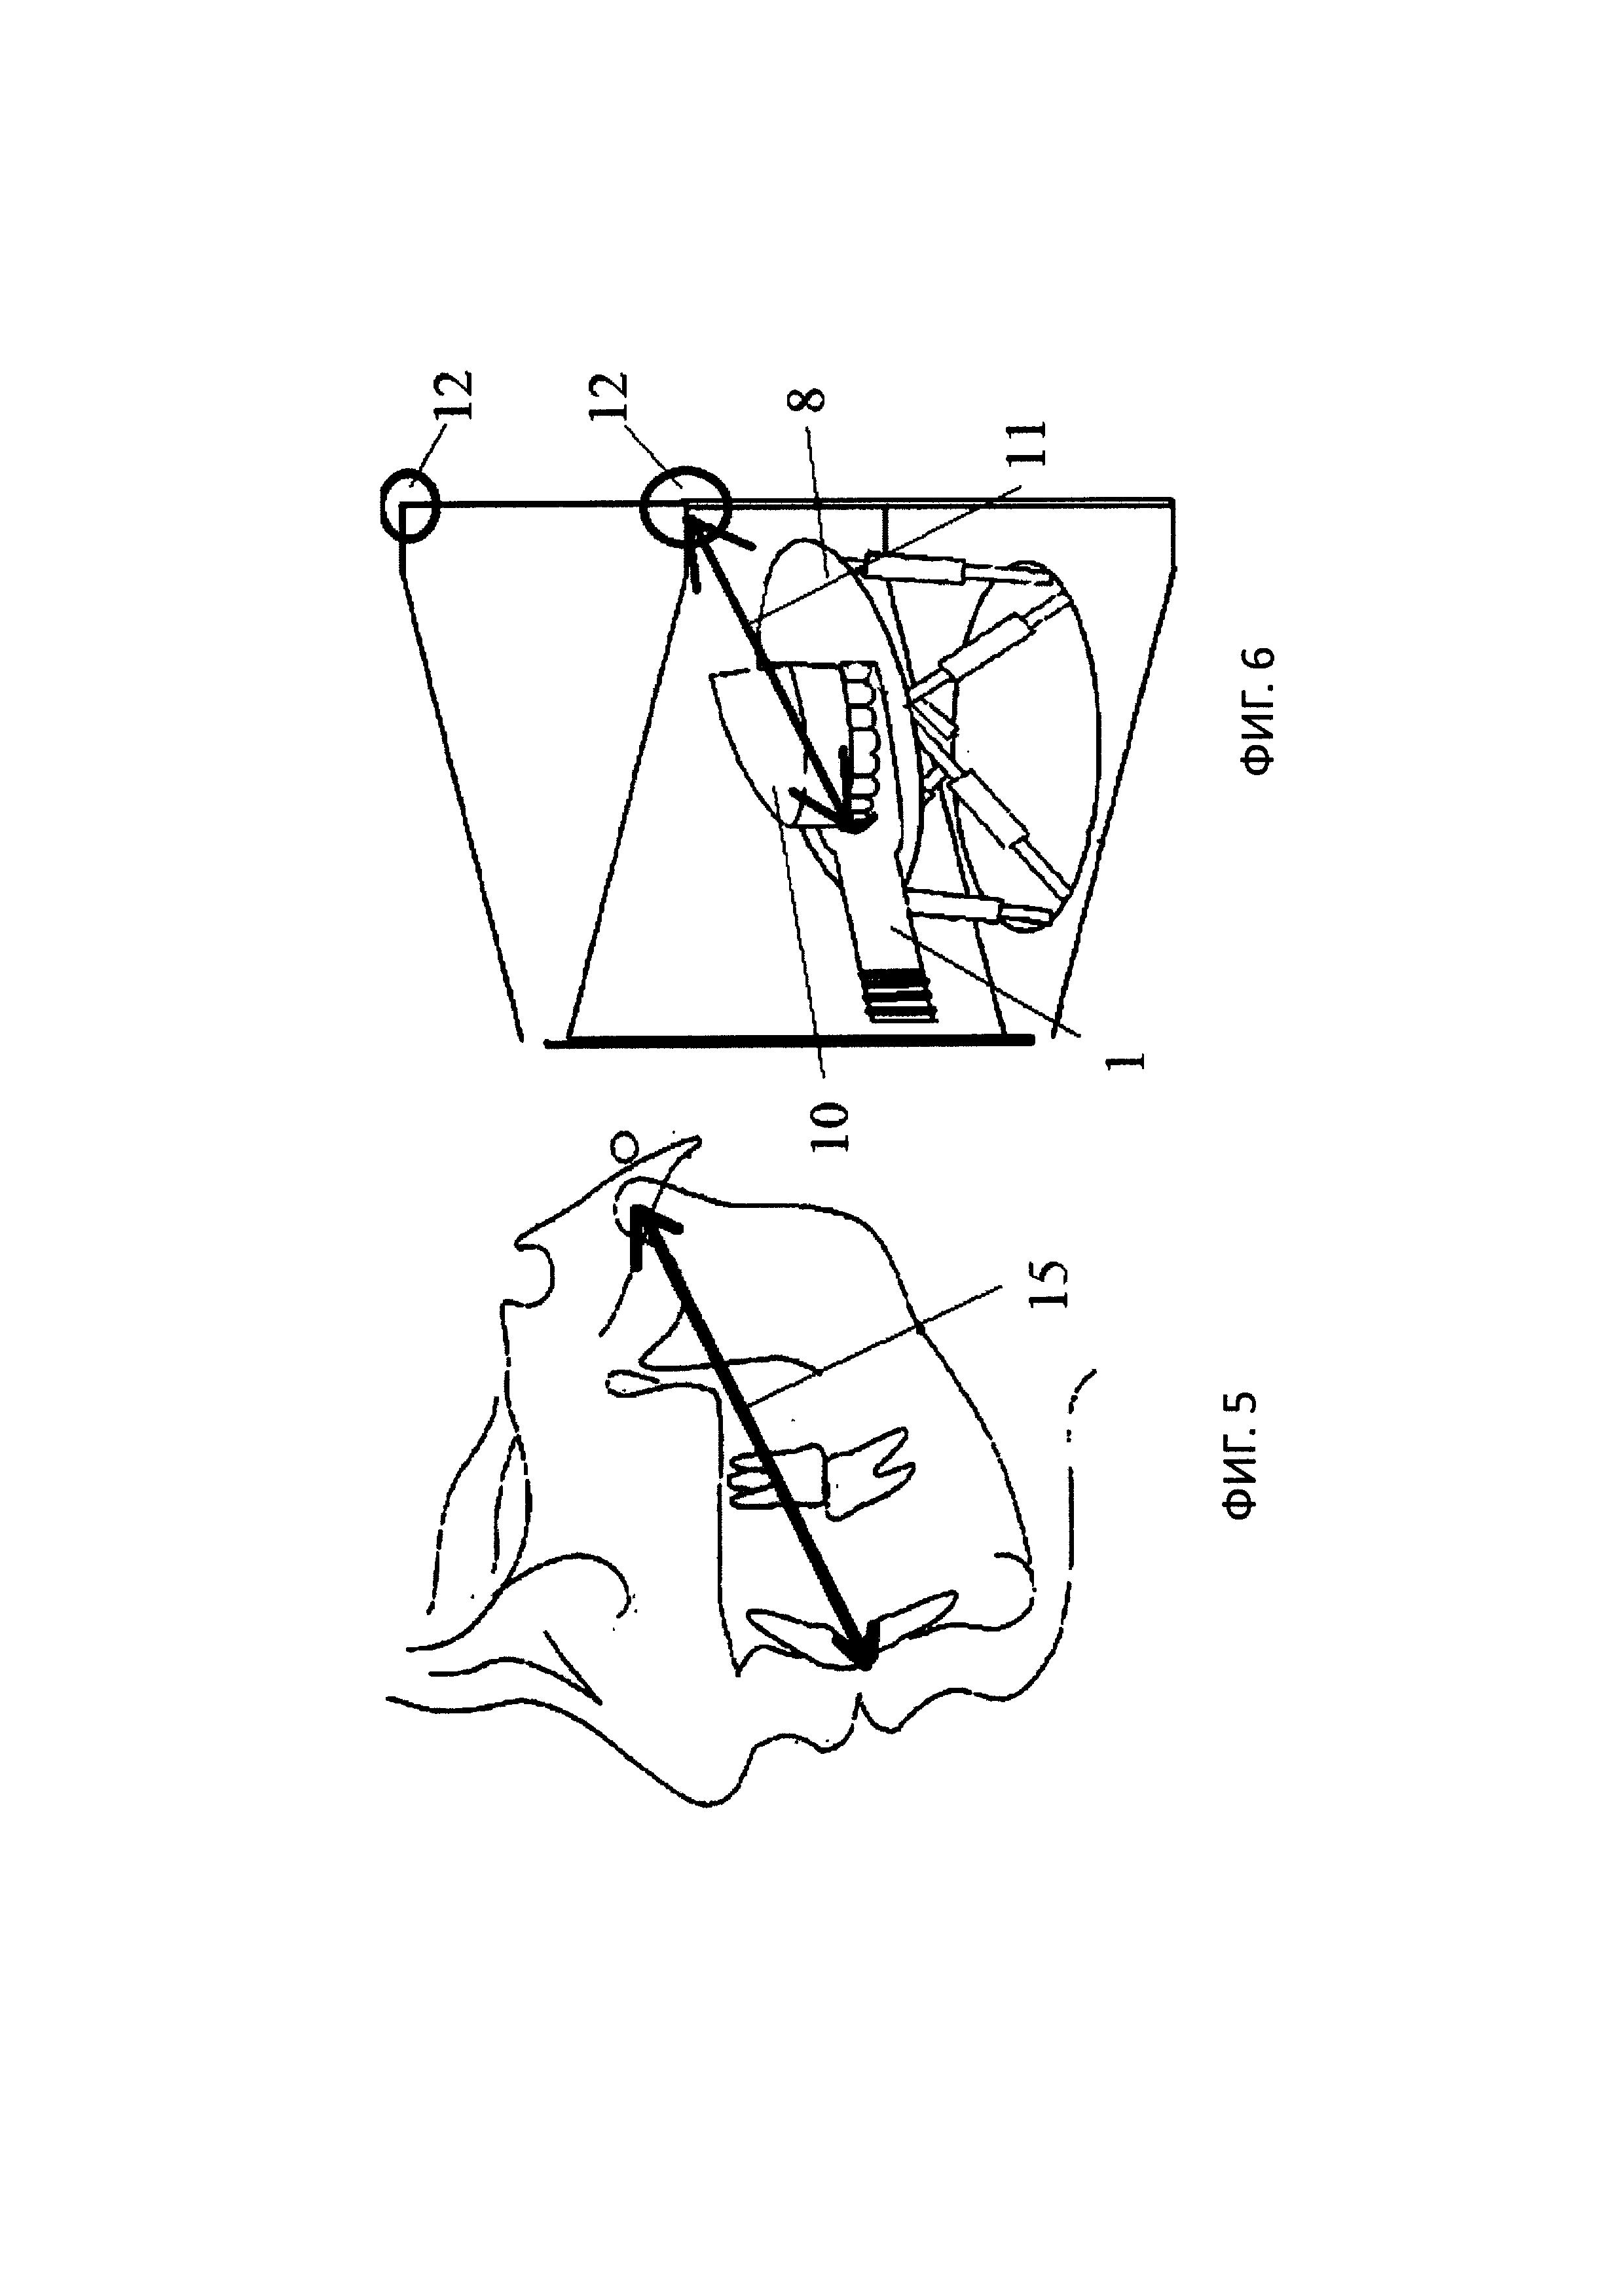 Способ пространственного переноса положения верхней челюсти с учетом индивидуальных параметров, окклюзионная вилка с определением положения в пространстве и приспособление для позиционирования модели верхней челюсти в пространстве для реализации этого способа